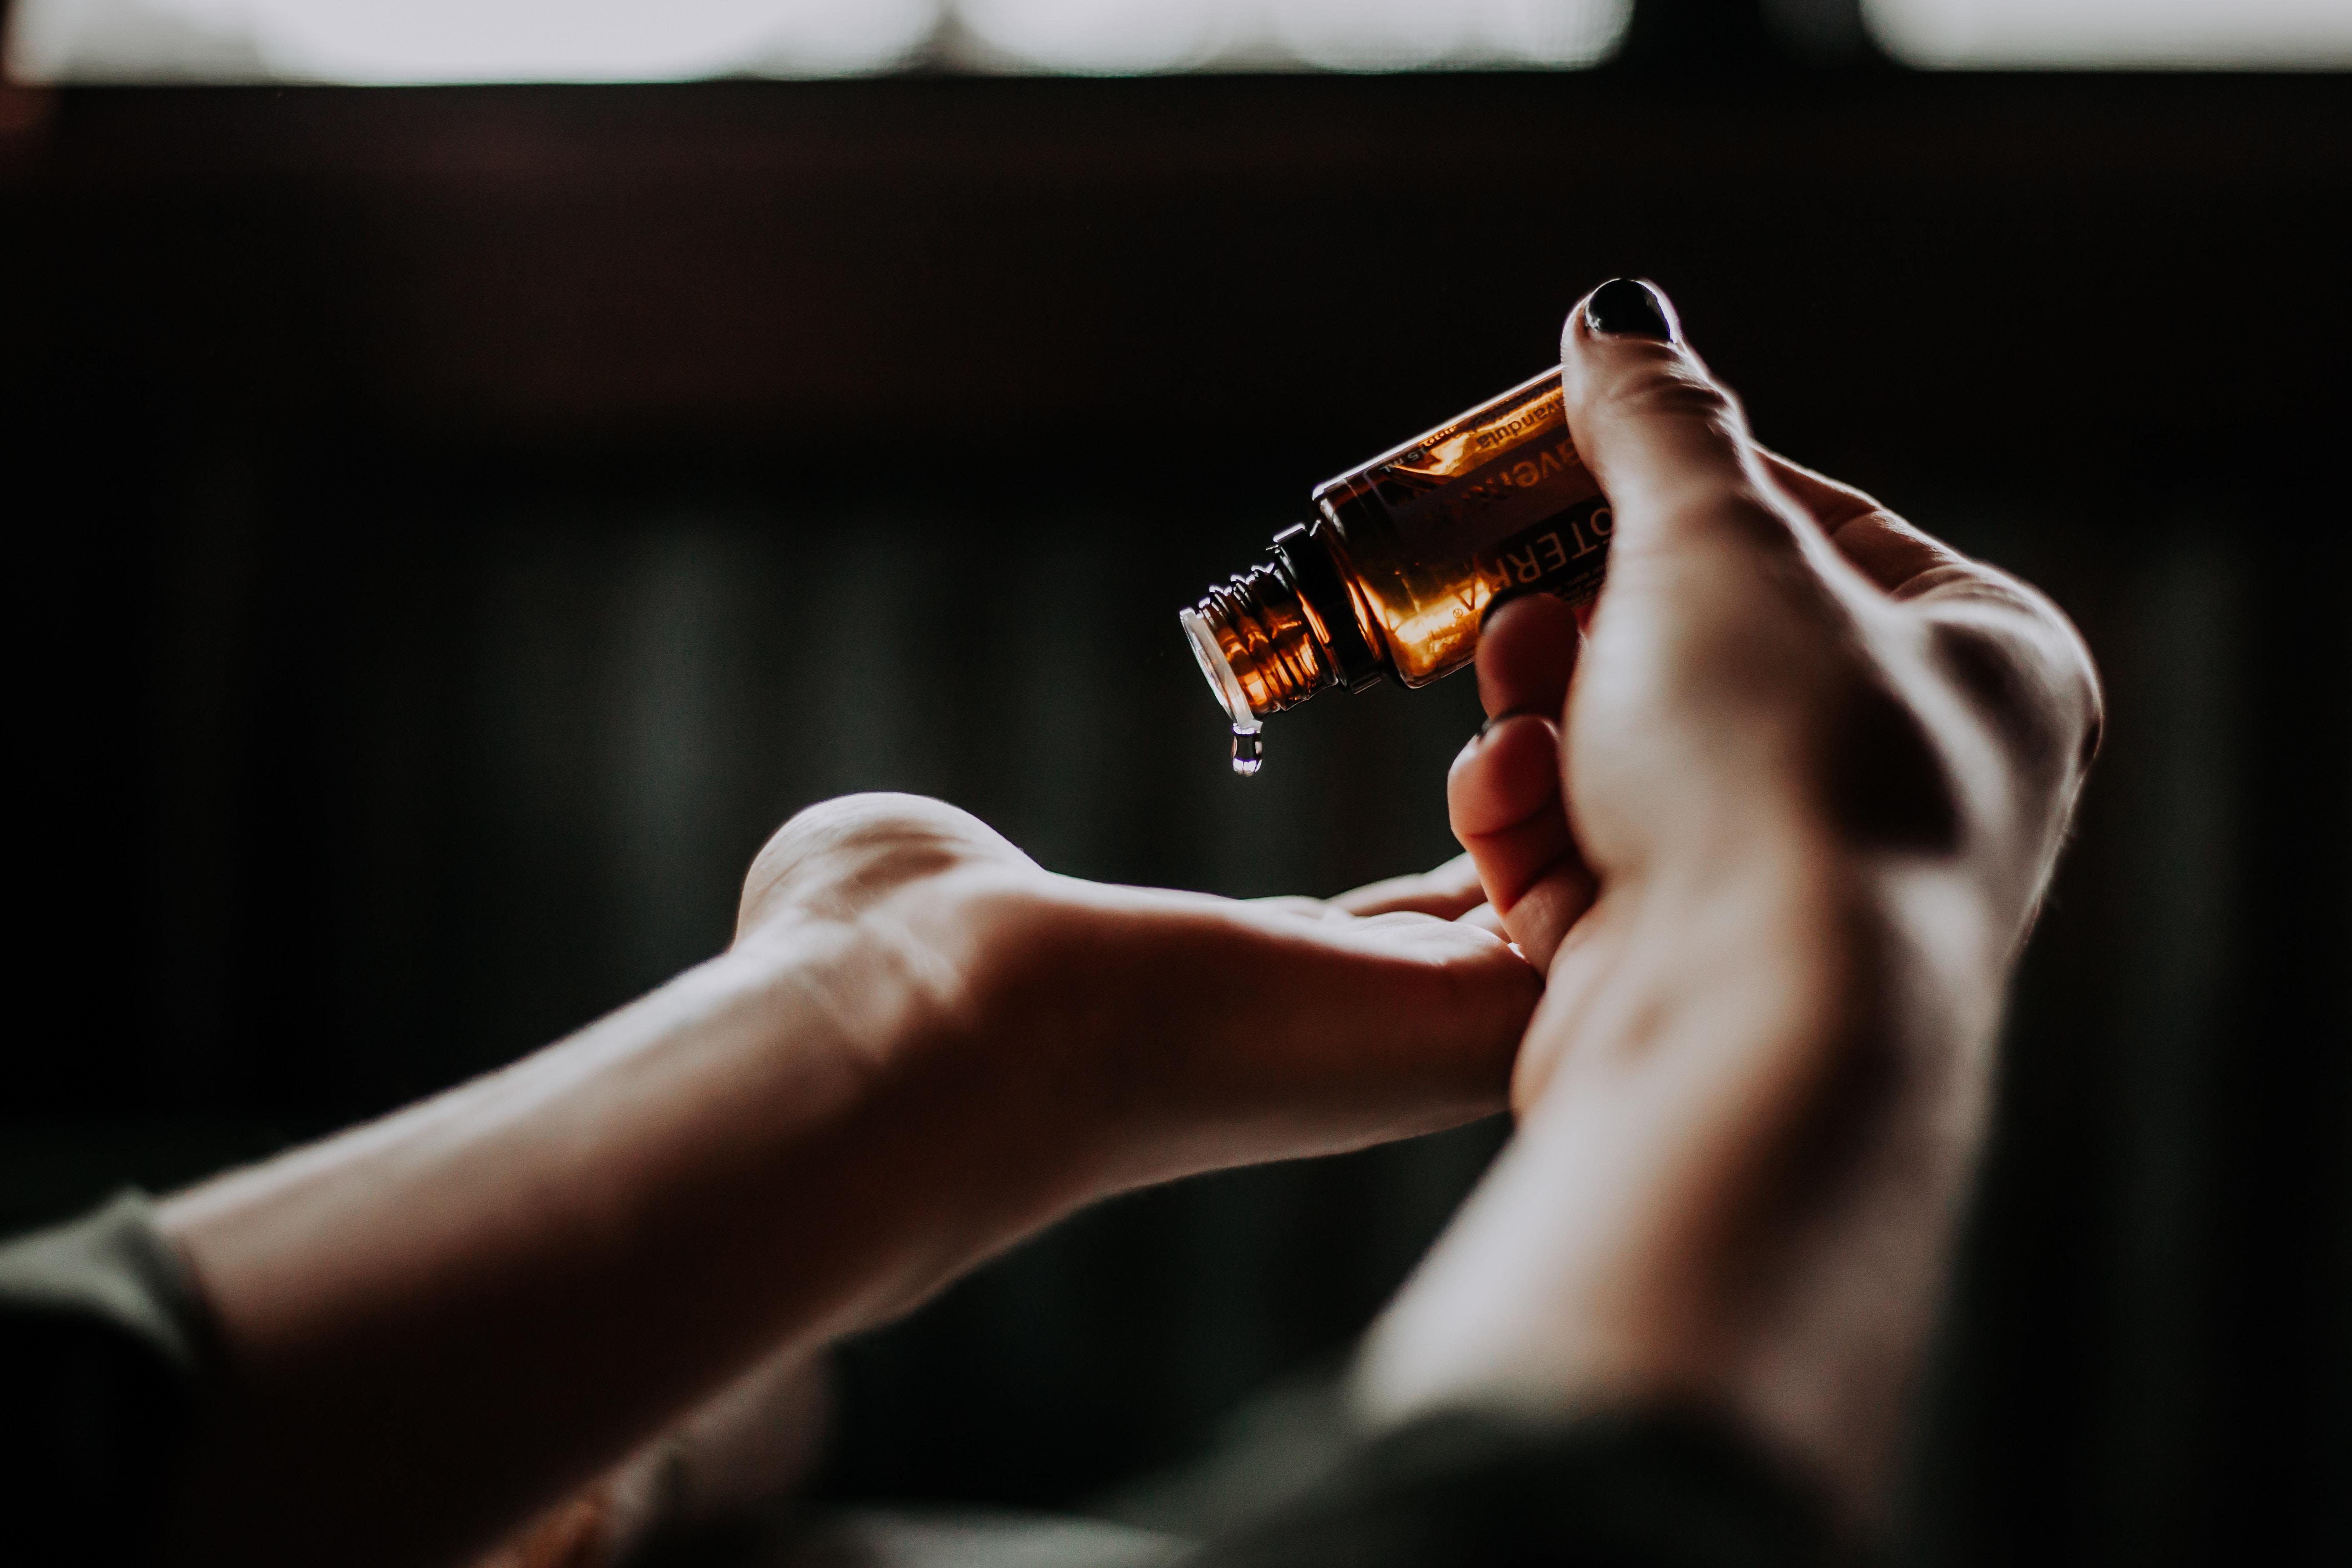 Natürliche Öle Öle erleichtern Betroffene, Pflegenden sowie Angehörigen die schwierige oder nonverbale Kommunikation im fortschreitenden Krankheitsverlauf.